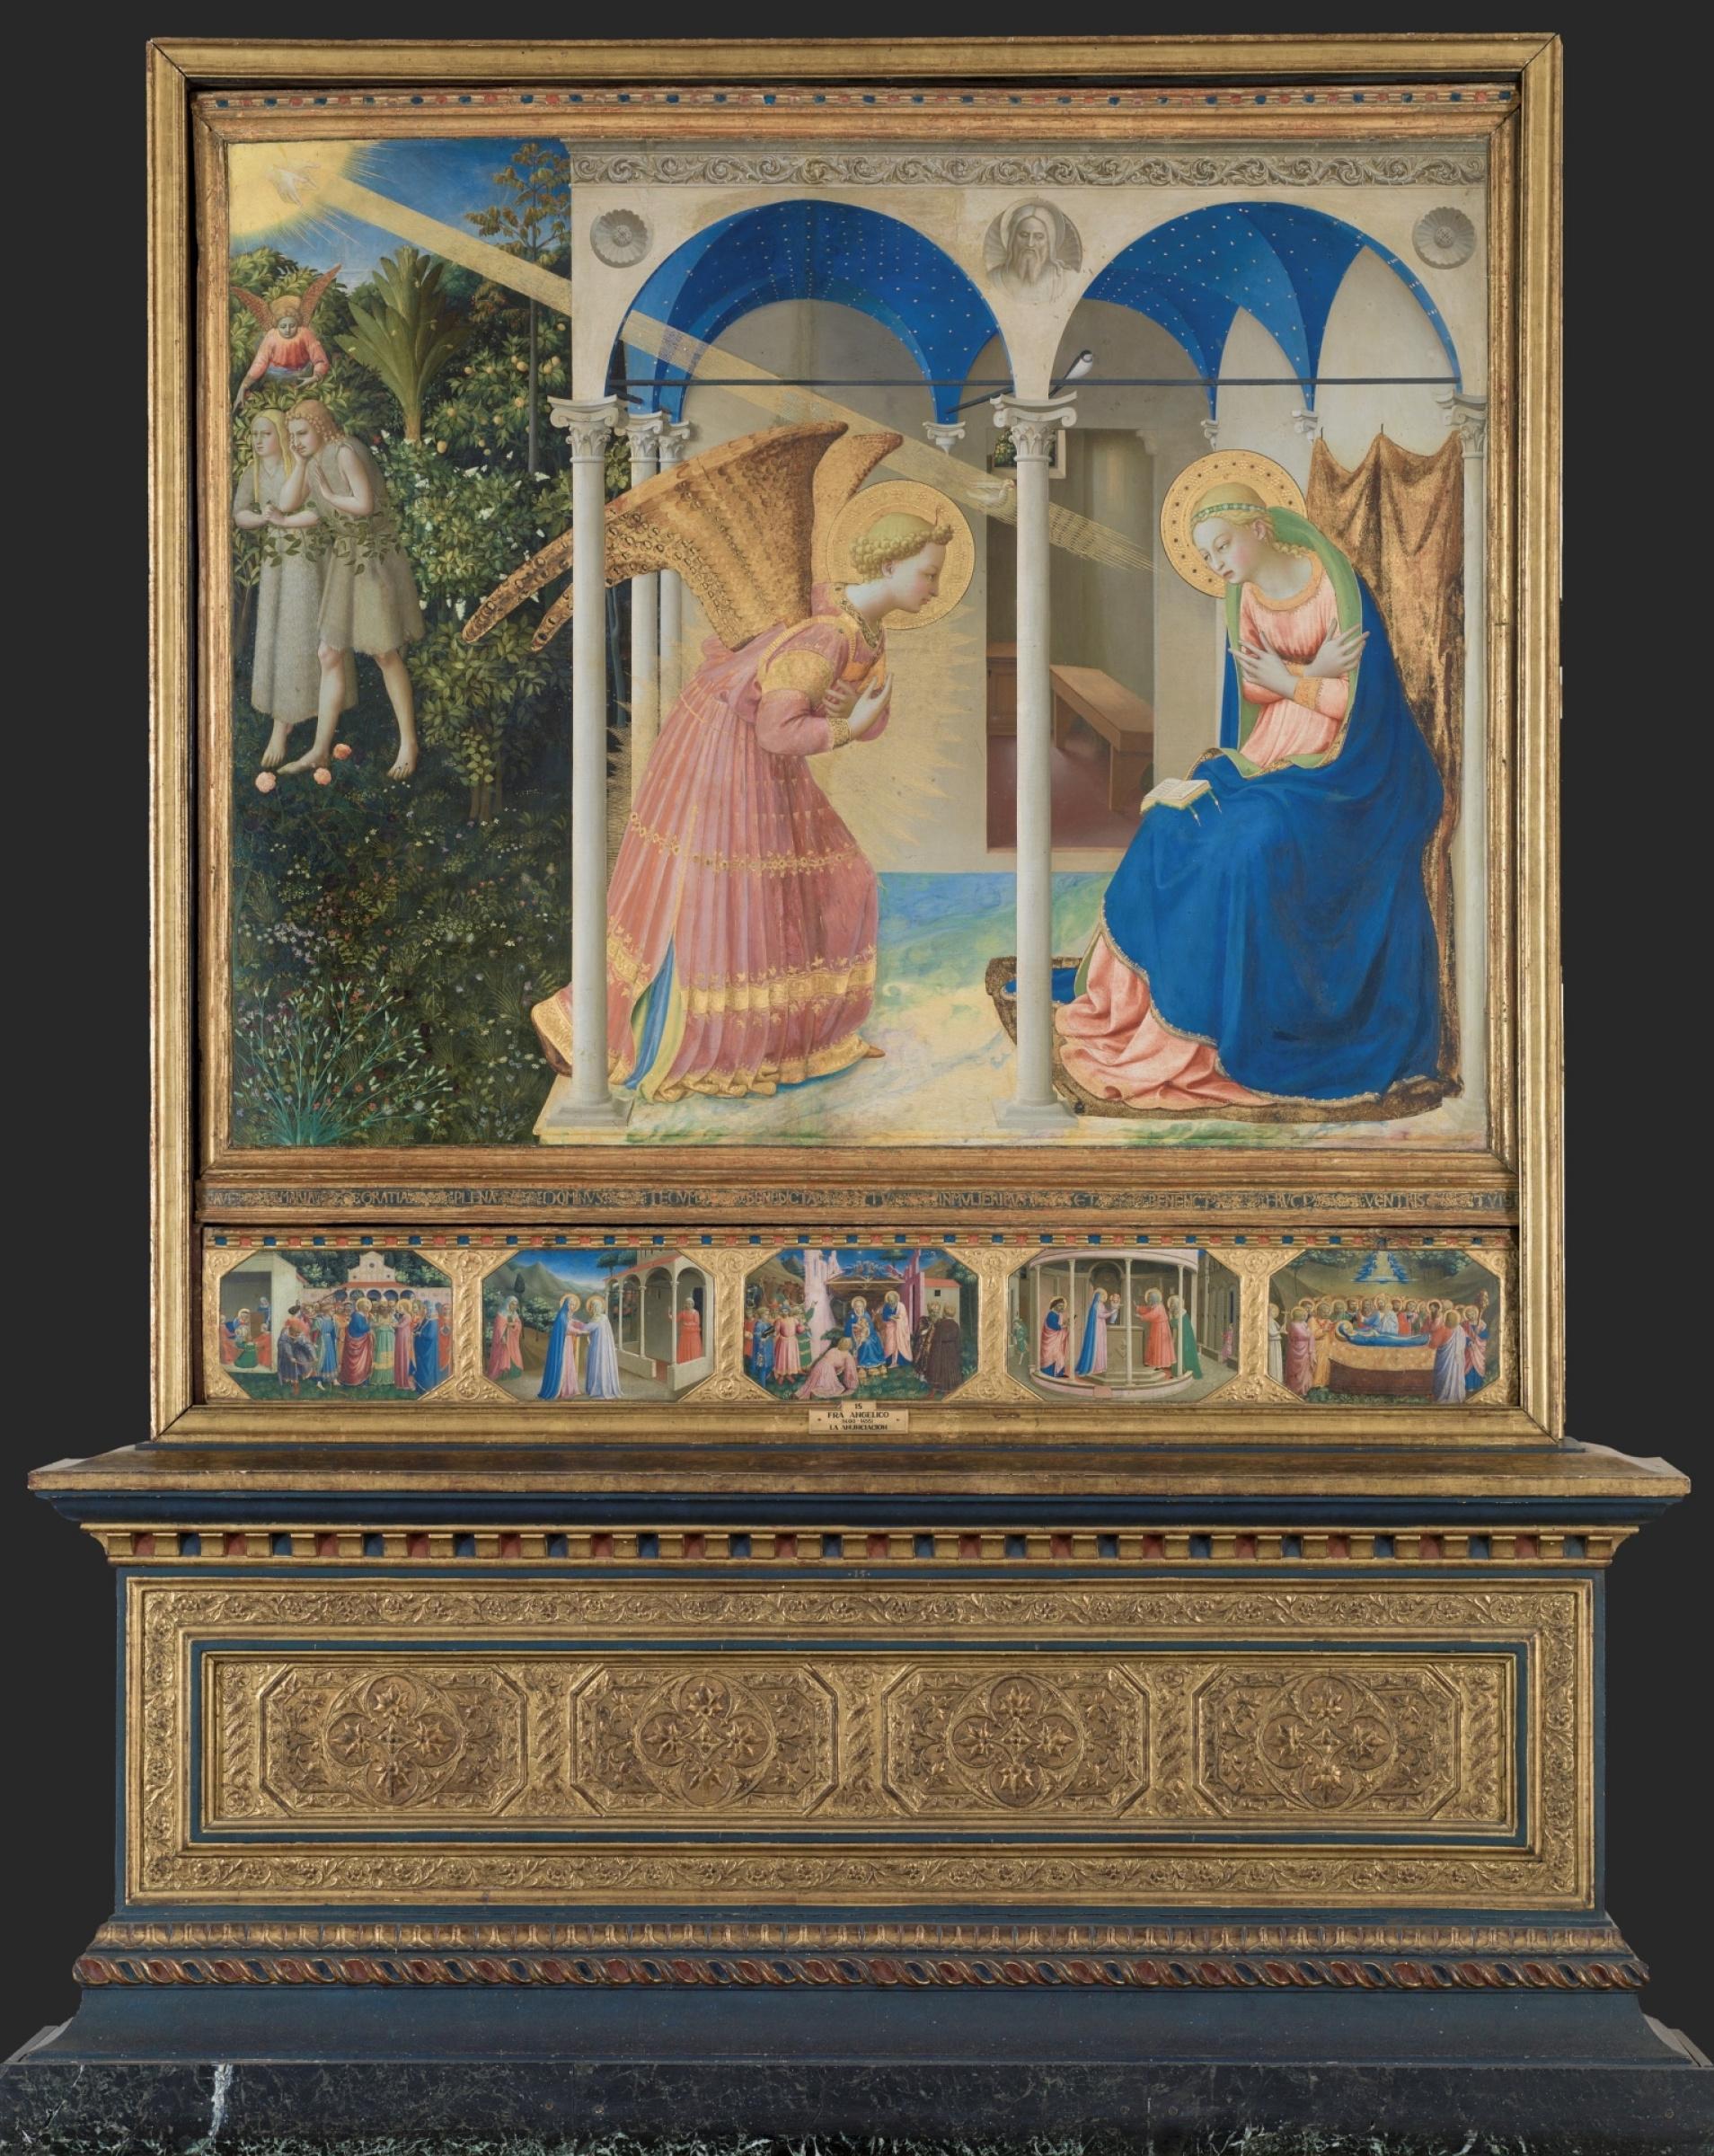 Фра Беато Анджелико. Алтарь с пятью пределлами: Благовещение Марии